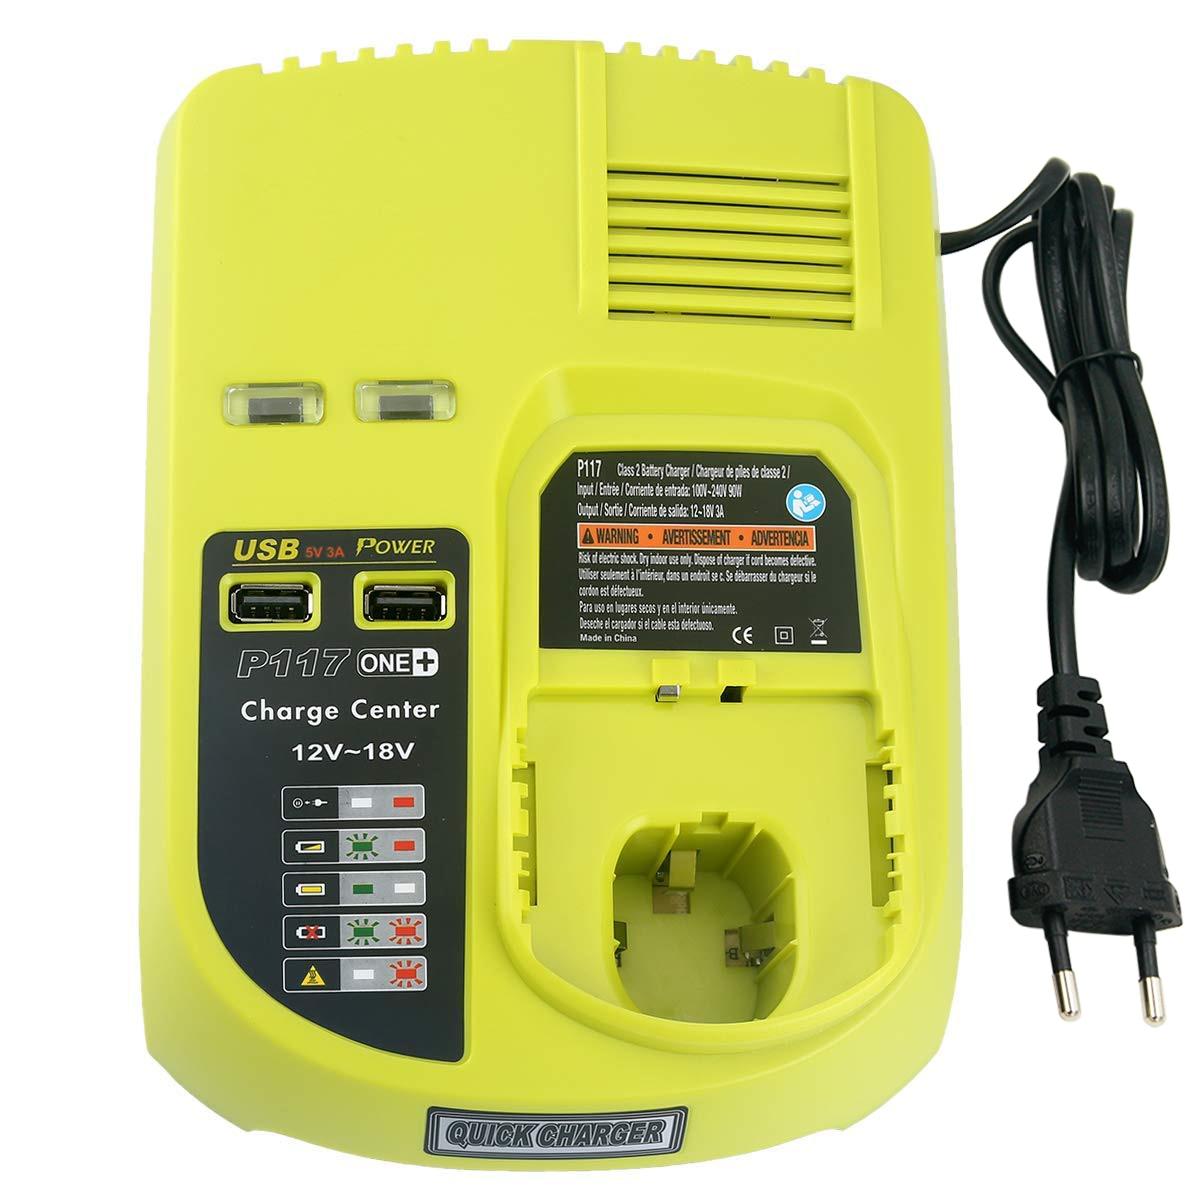 For Ryobi ONE+ 18V 6.0Ah Li Ion Rechargeable Battery P108 + New P117 Charger for Ryobi 9.6V 18V Ni Cad Ni Mh Li ion Battery - 5